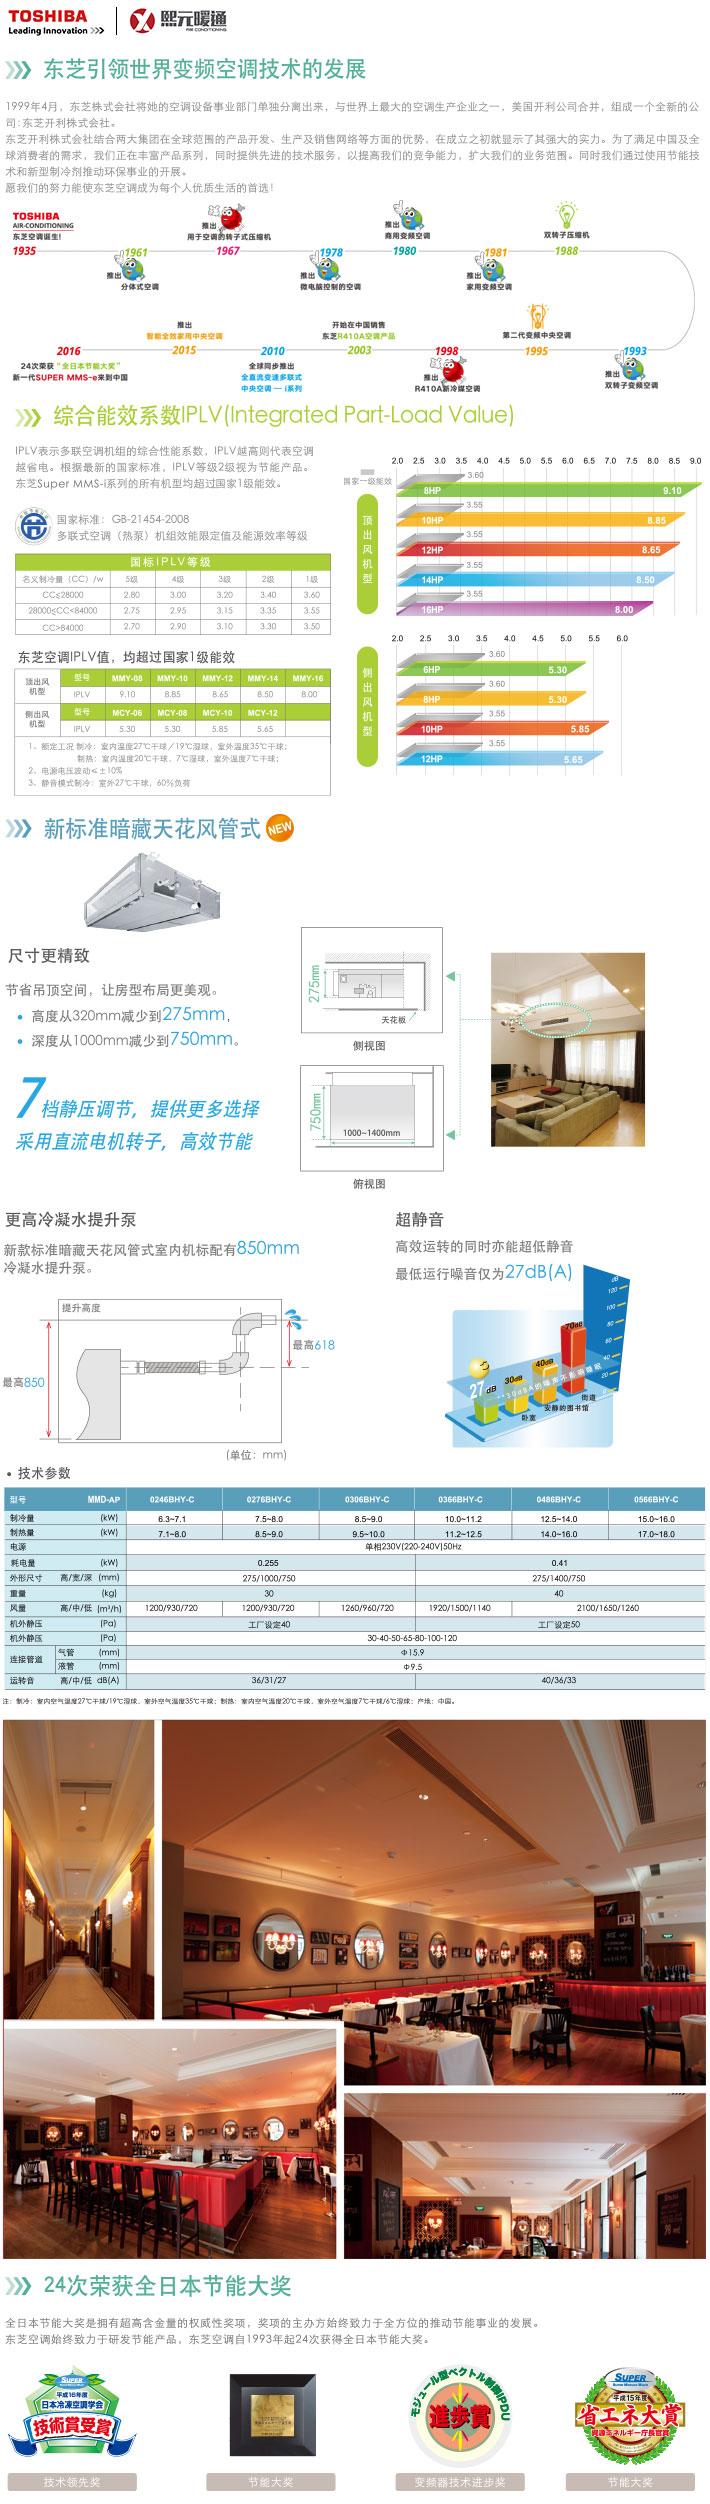 东芝标准风管.jpg